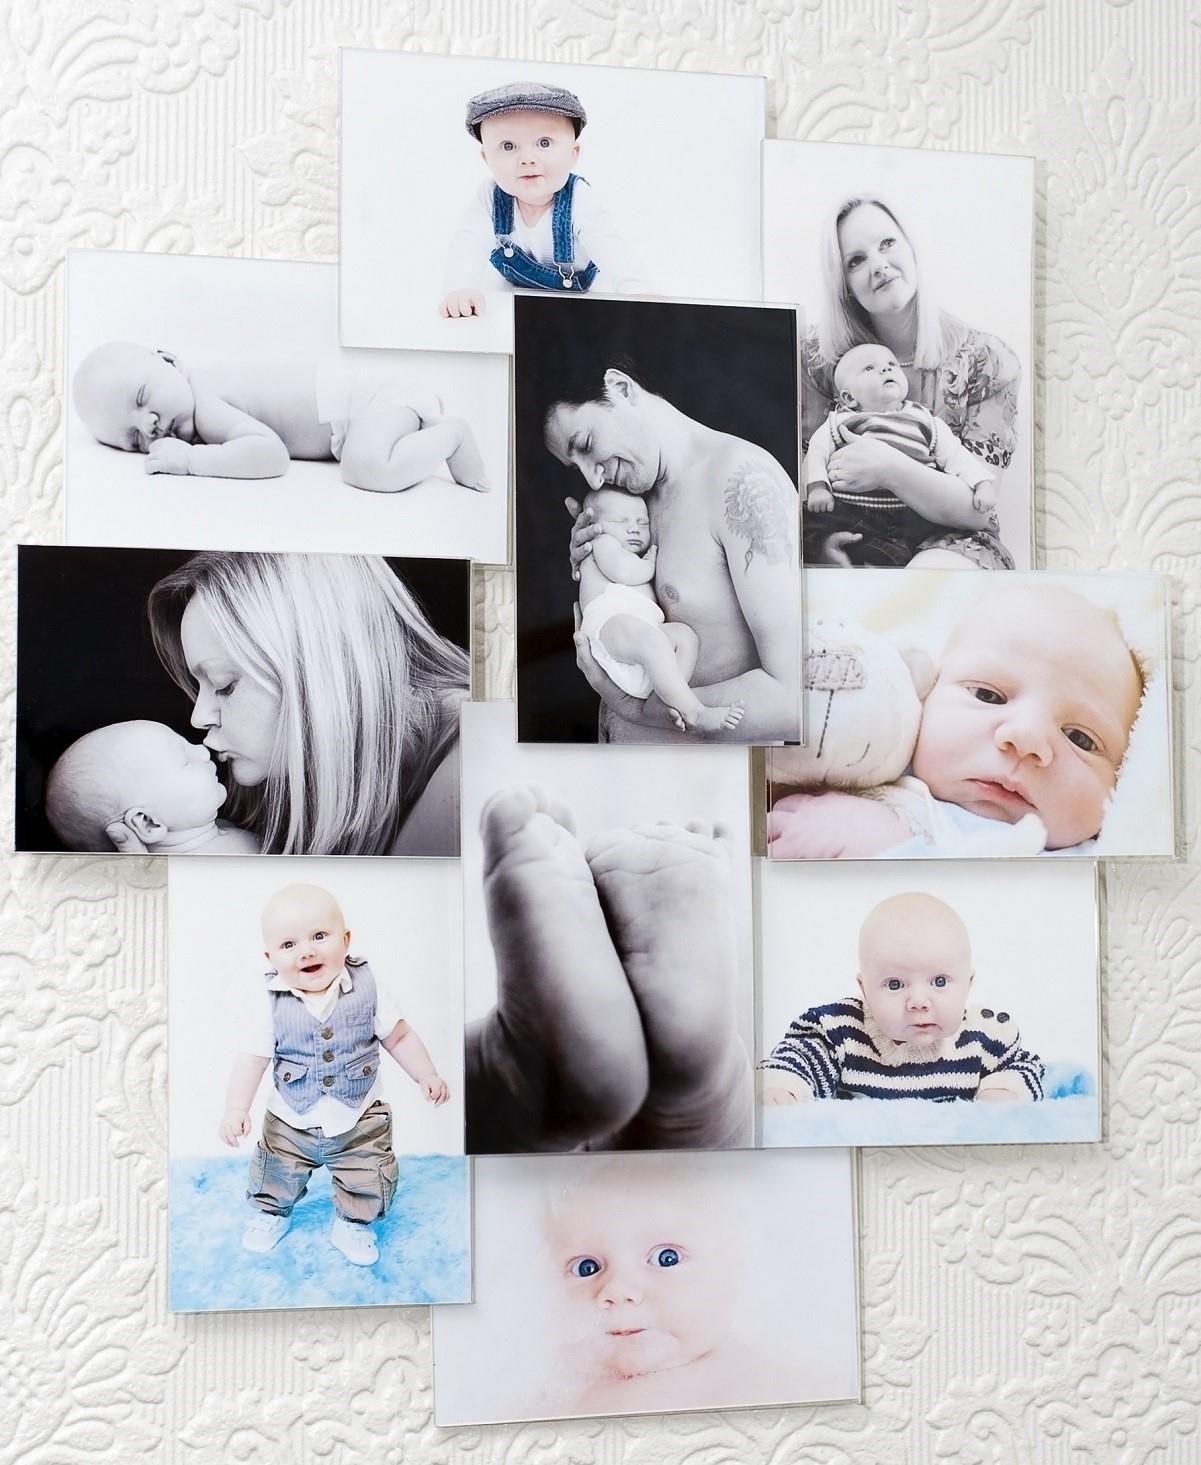 Foto's als accessoires in je creatieve interieur!